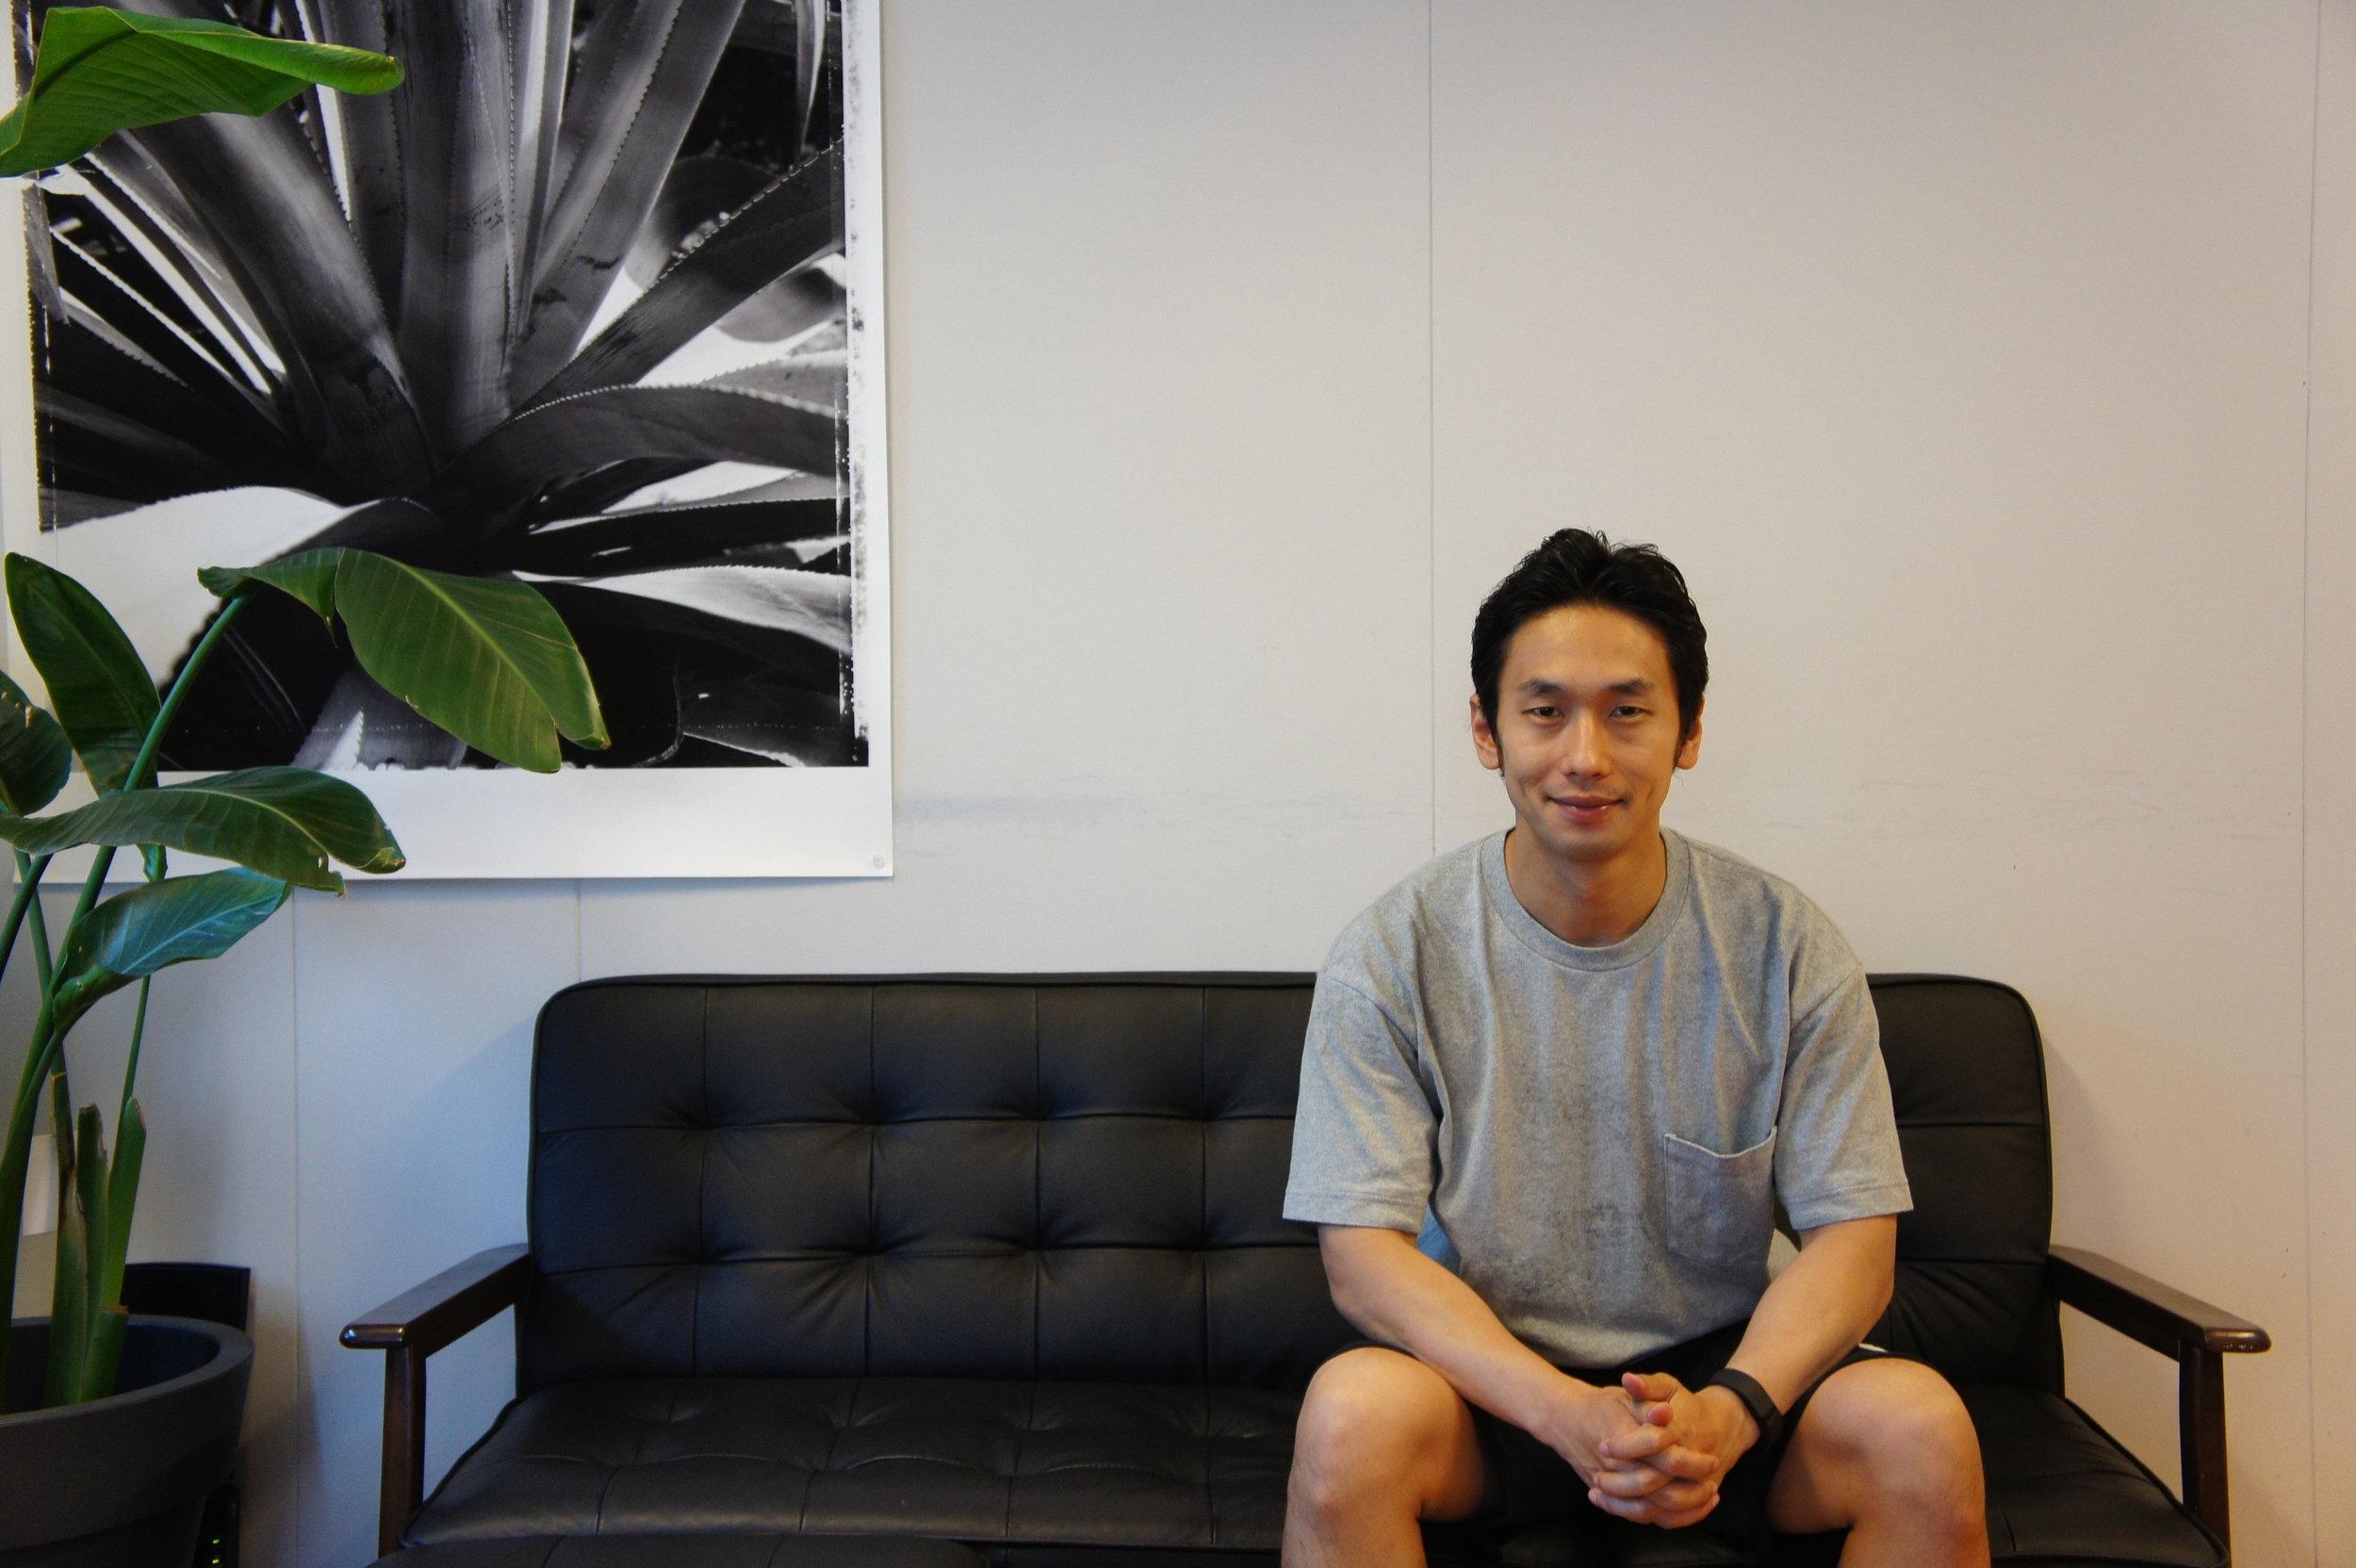 フリー素材モデルという未踏の領域でNO.1を目指す:大川竜弥さんインタビュー【前編】